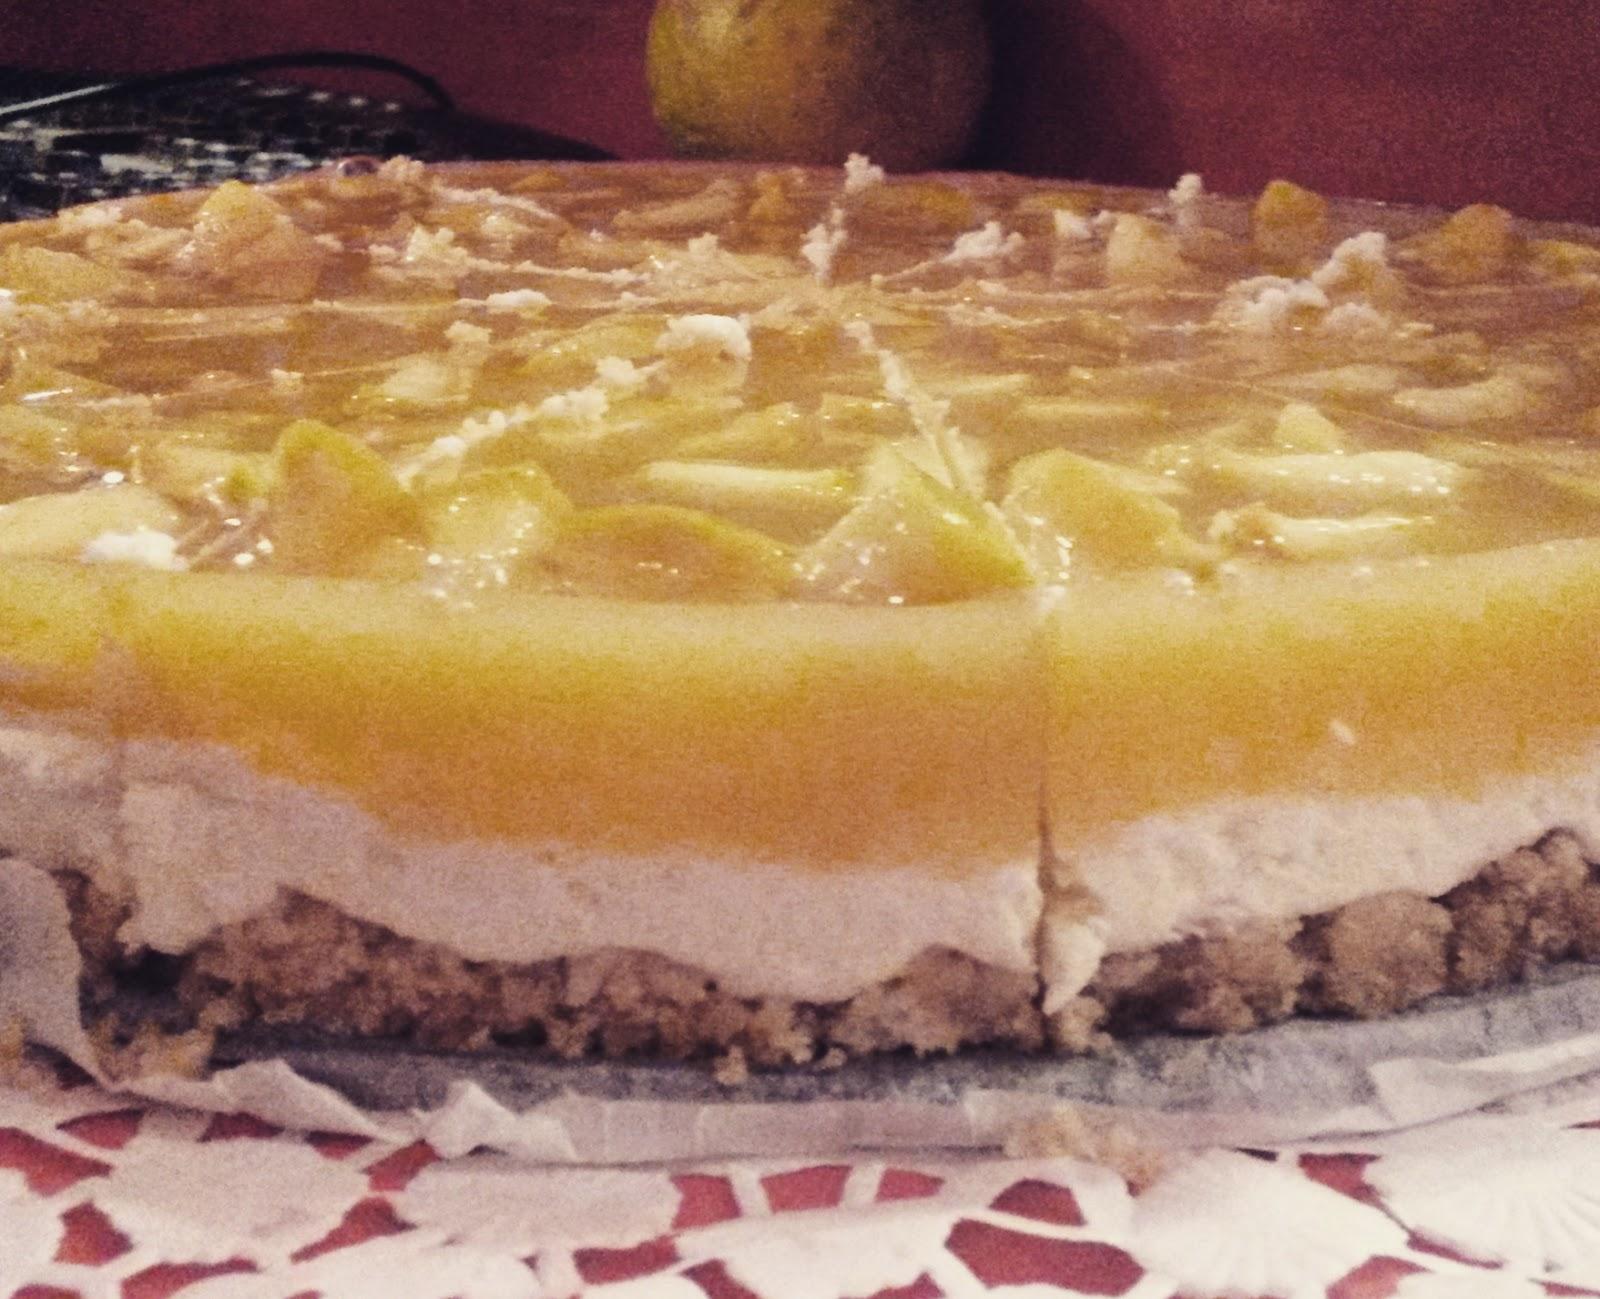 Rezept Ohne Backen Apfel Mascarpone Kuchen Haus Des Wahnsinns